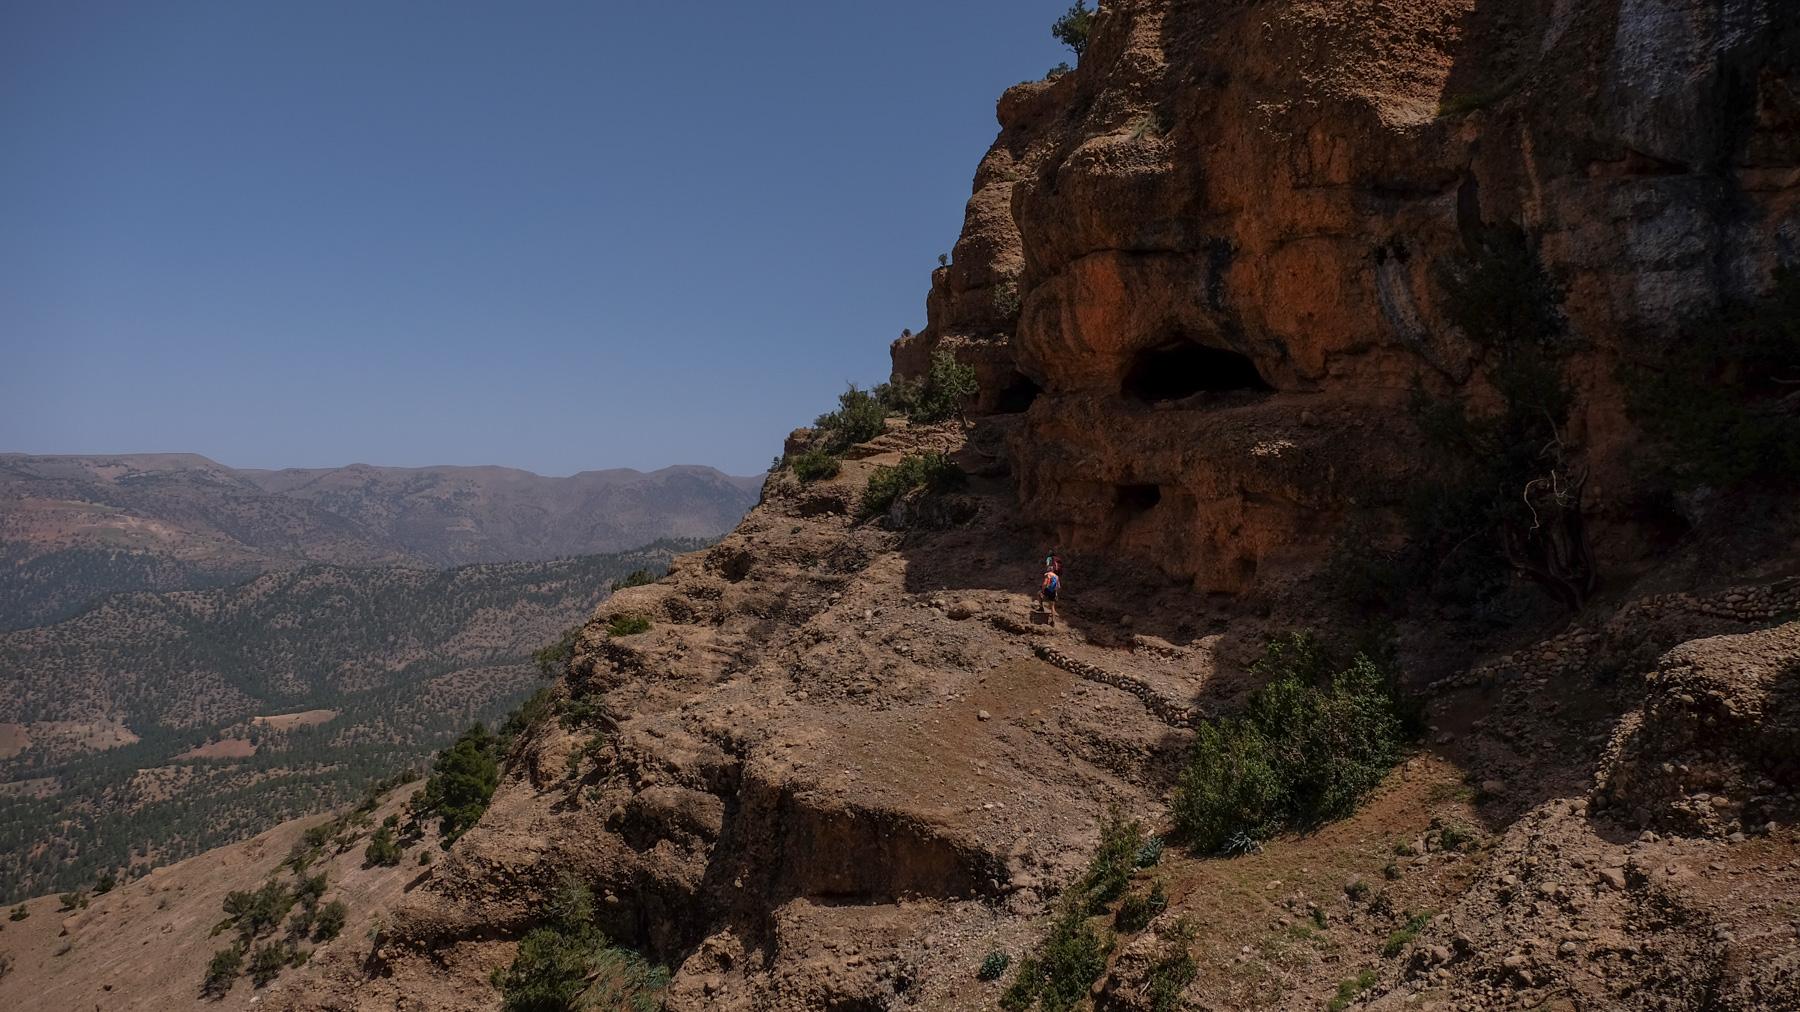 Amsafrane, Tilouguite, Maroc 17